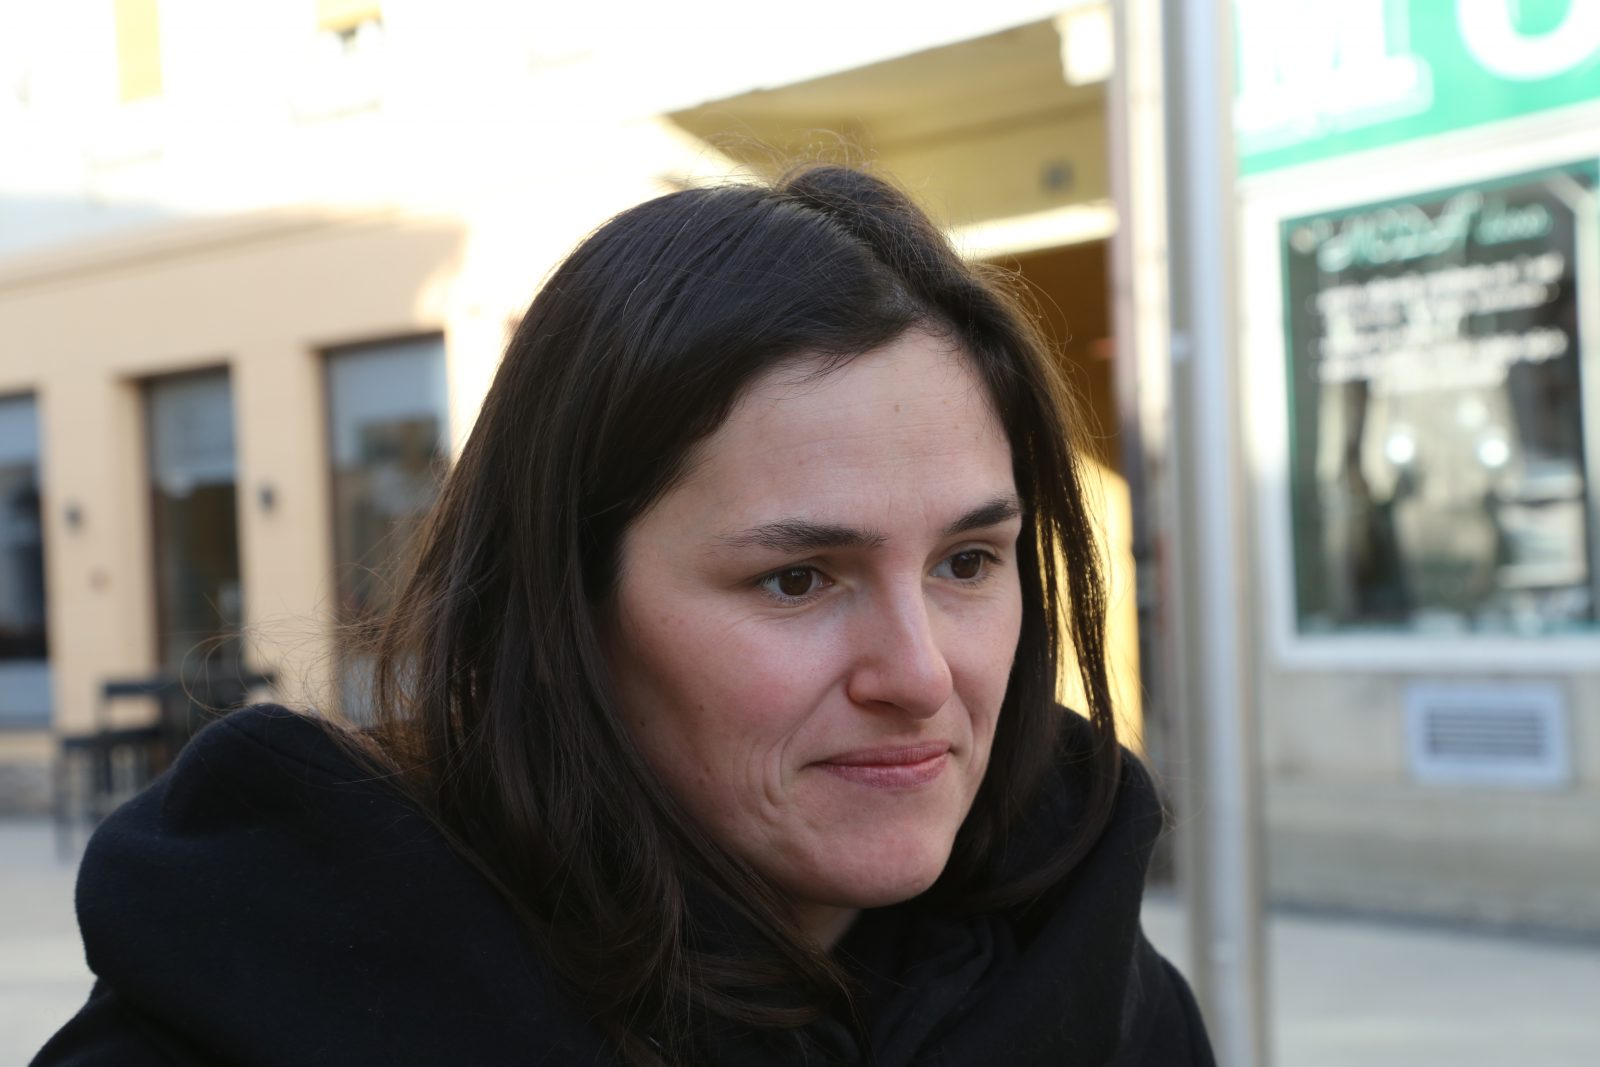 Damira Marušić